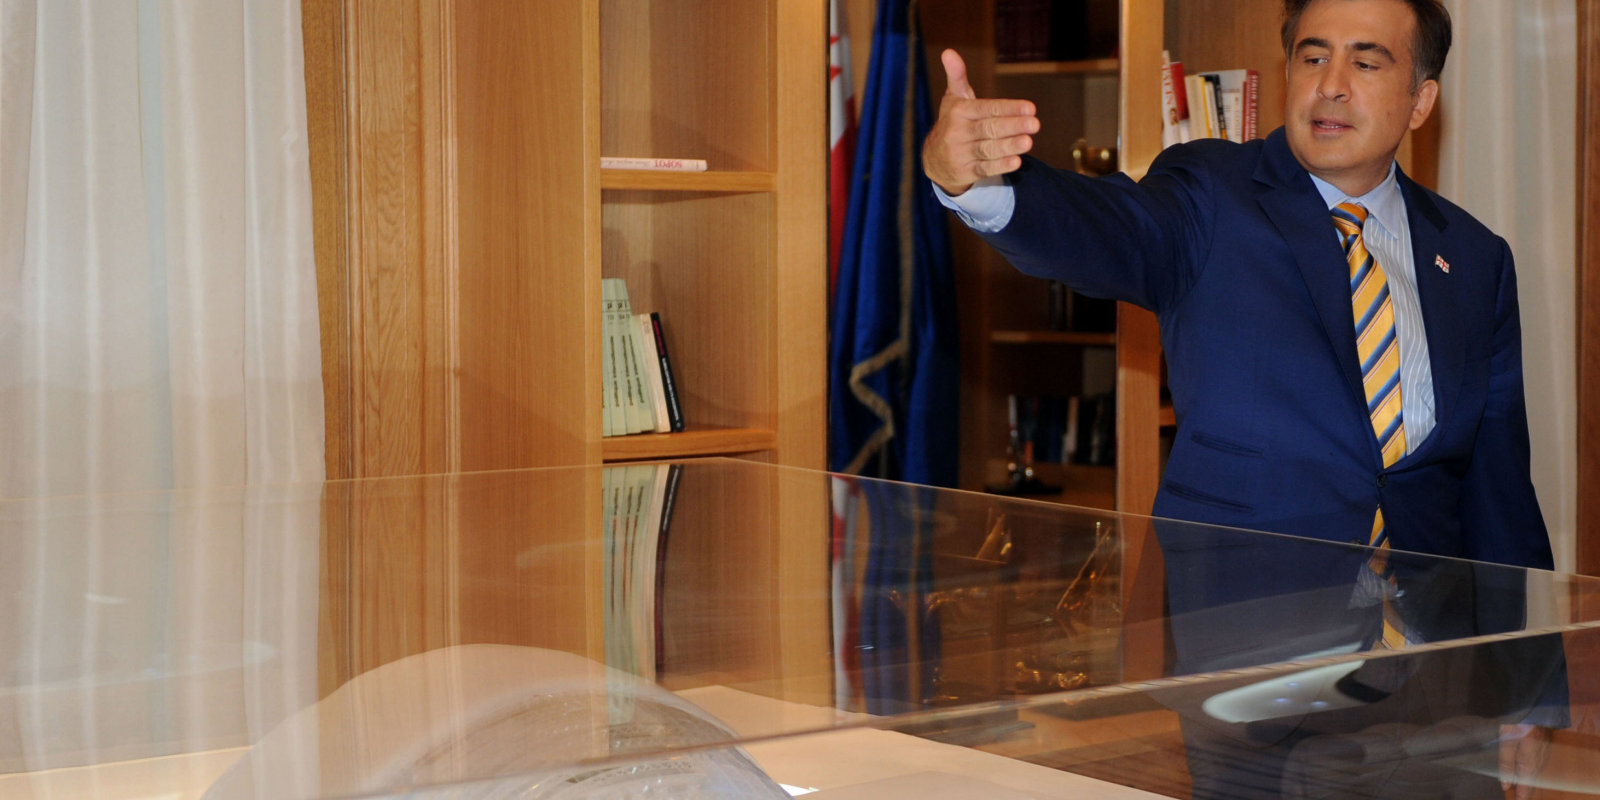 Atis Klimovičs: Saakašvili atgriešanās jeb Gruzijā bija un būs 'interesanti'